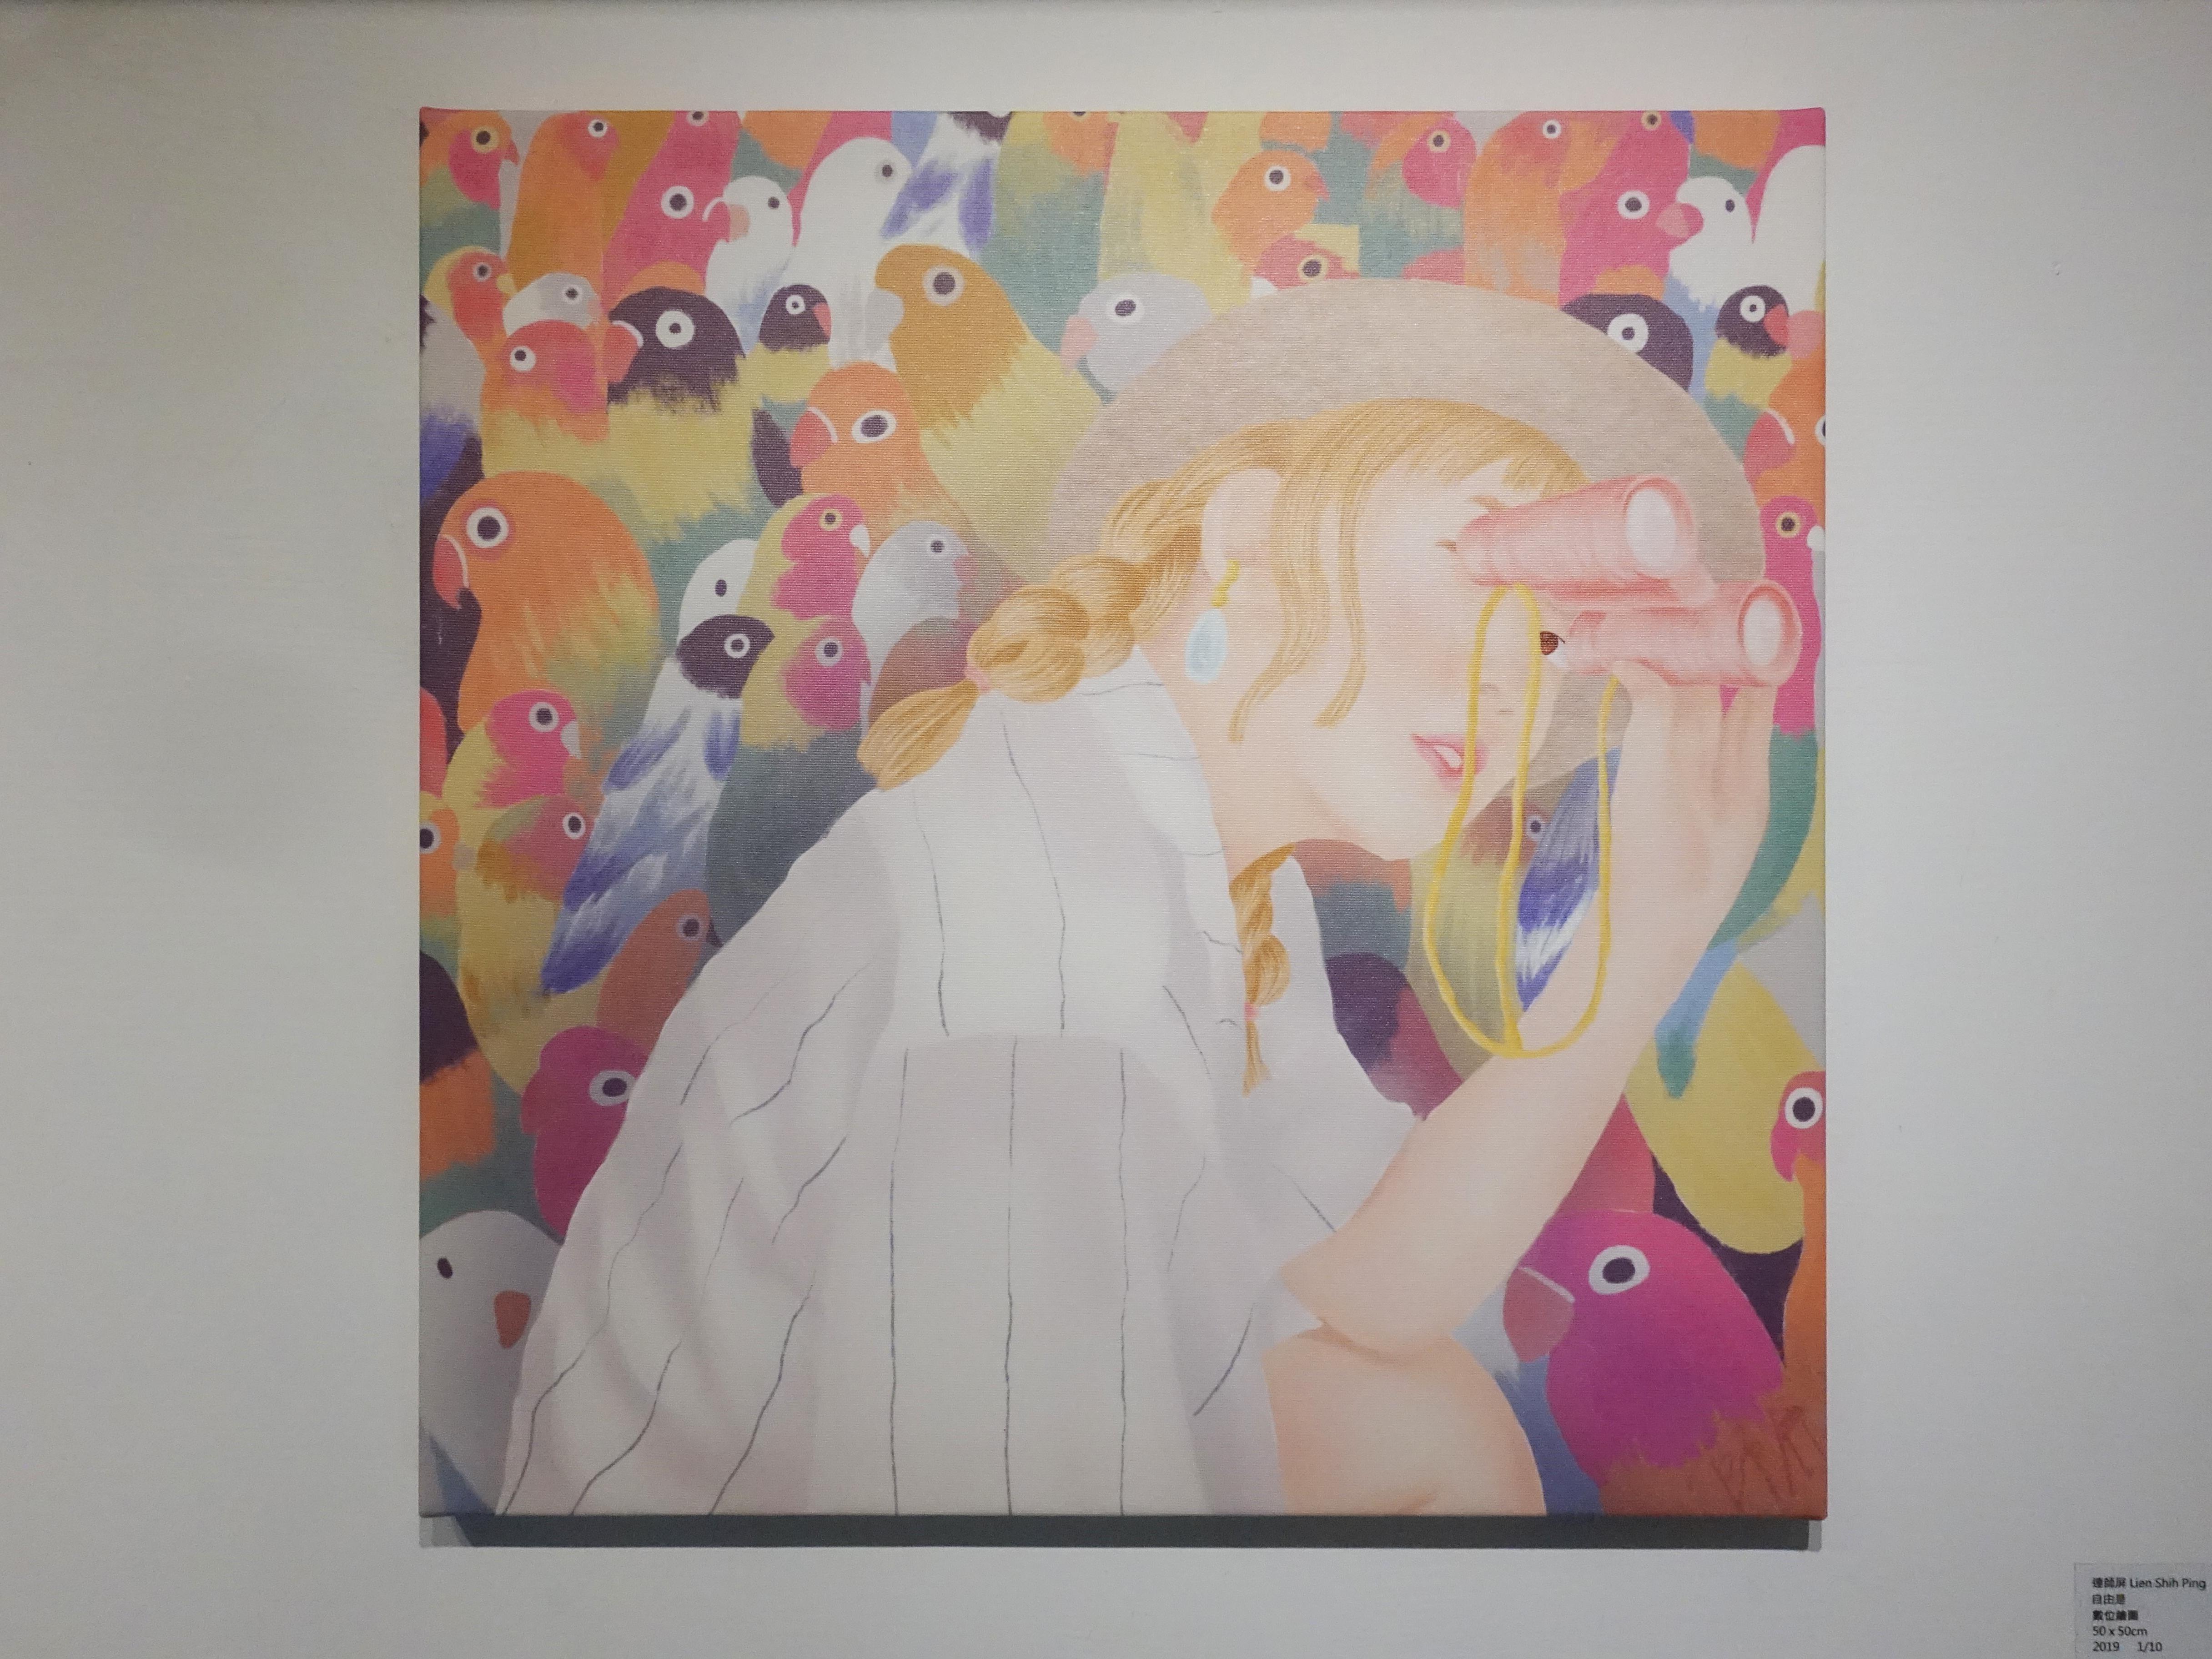 連師屏,《尋找》,數位繪圖,50 x 50 cm 1/10,2019。